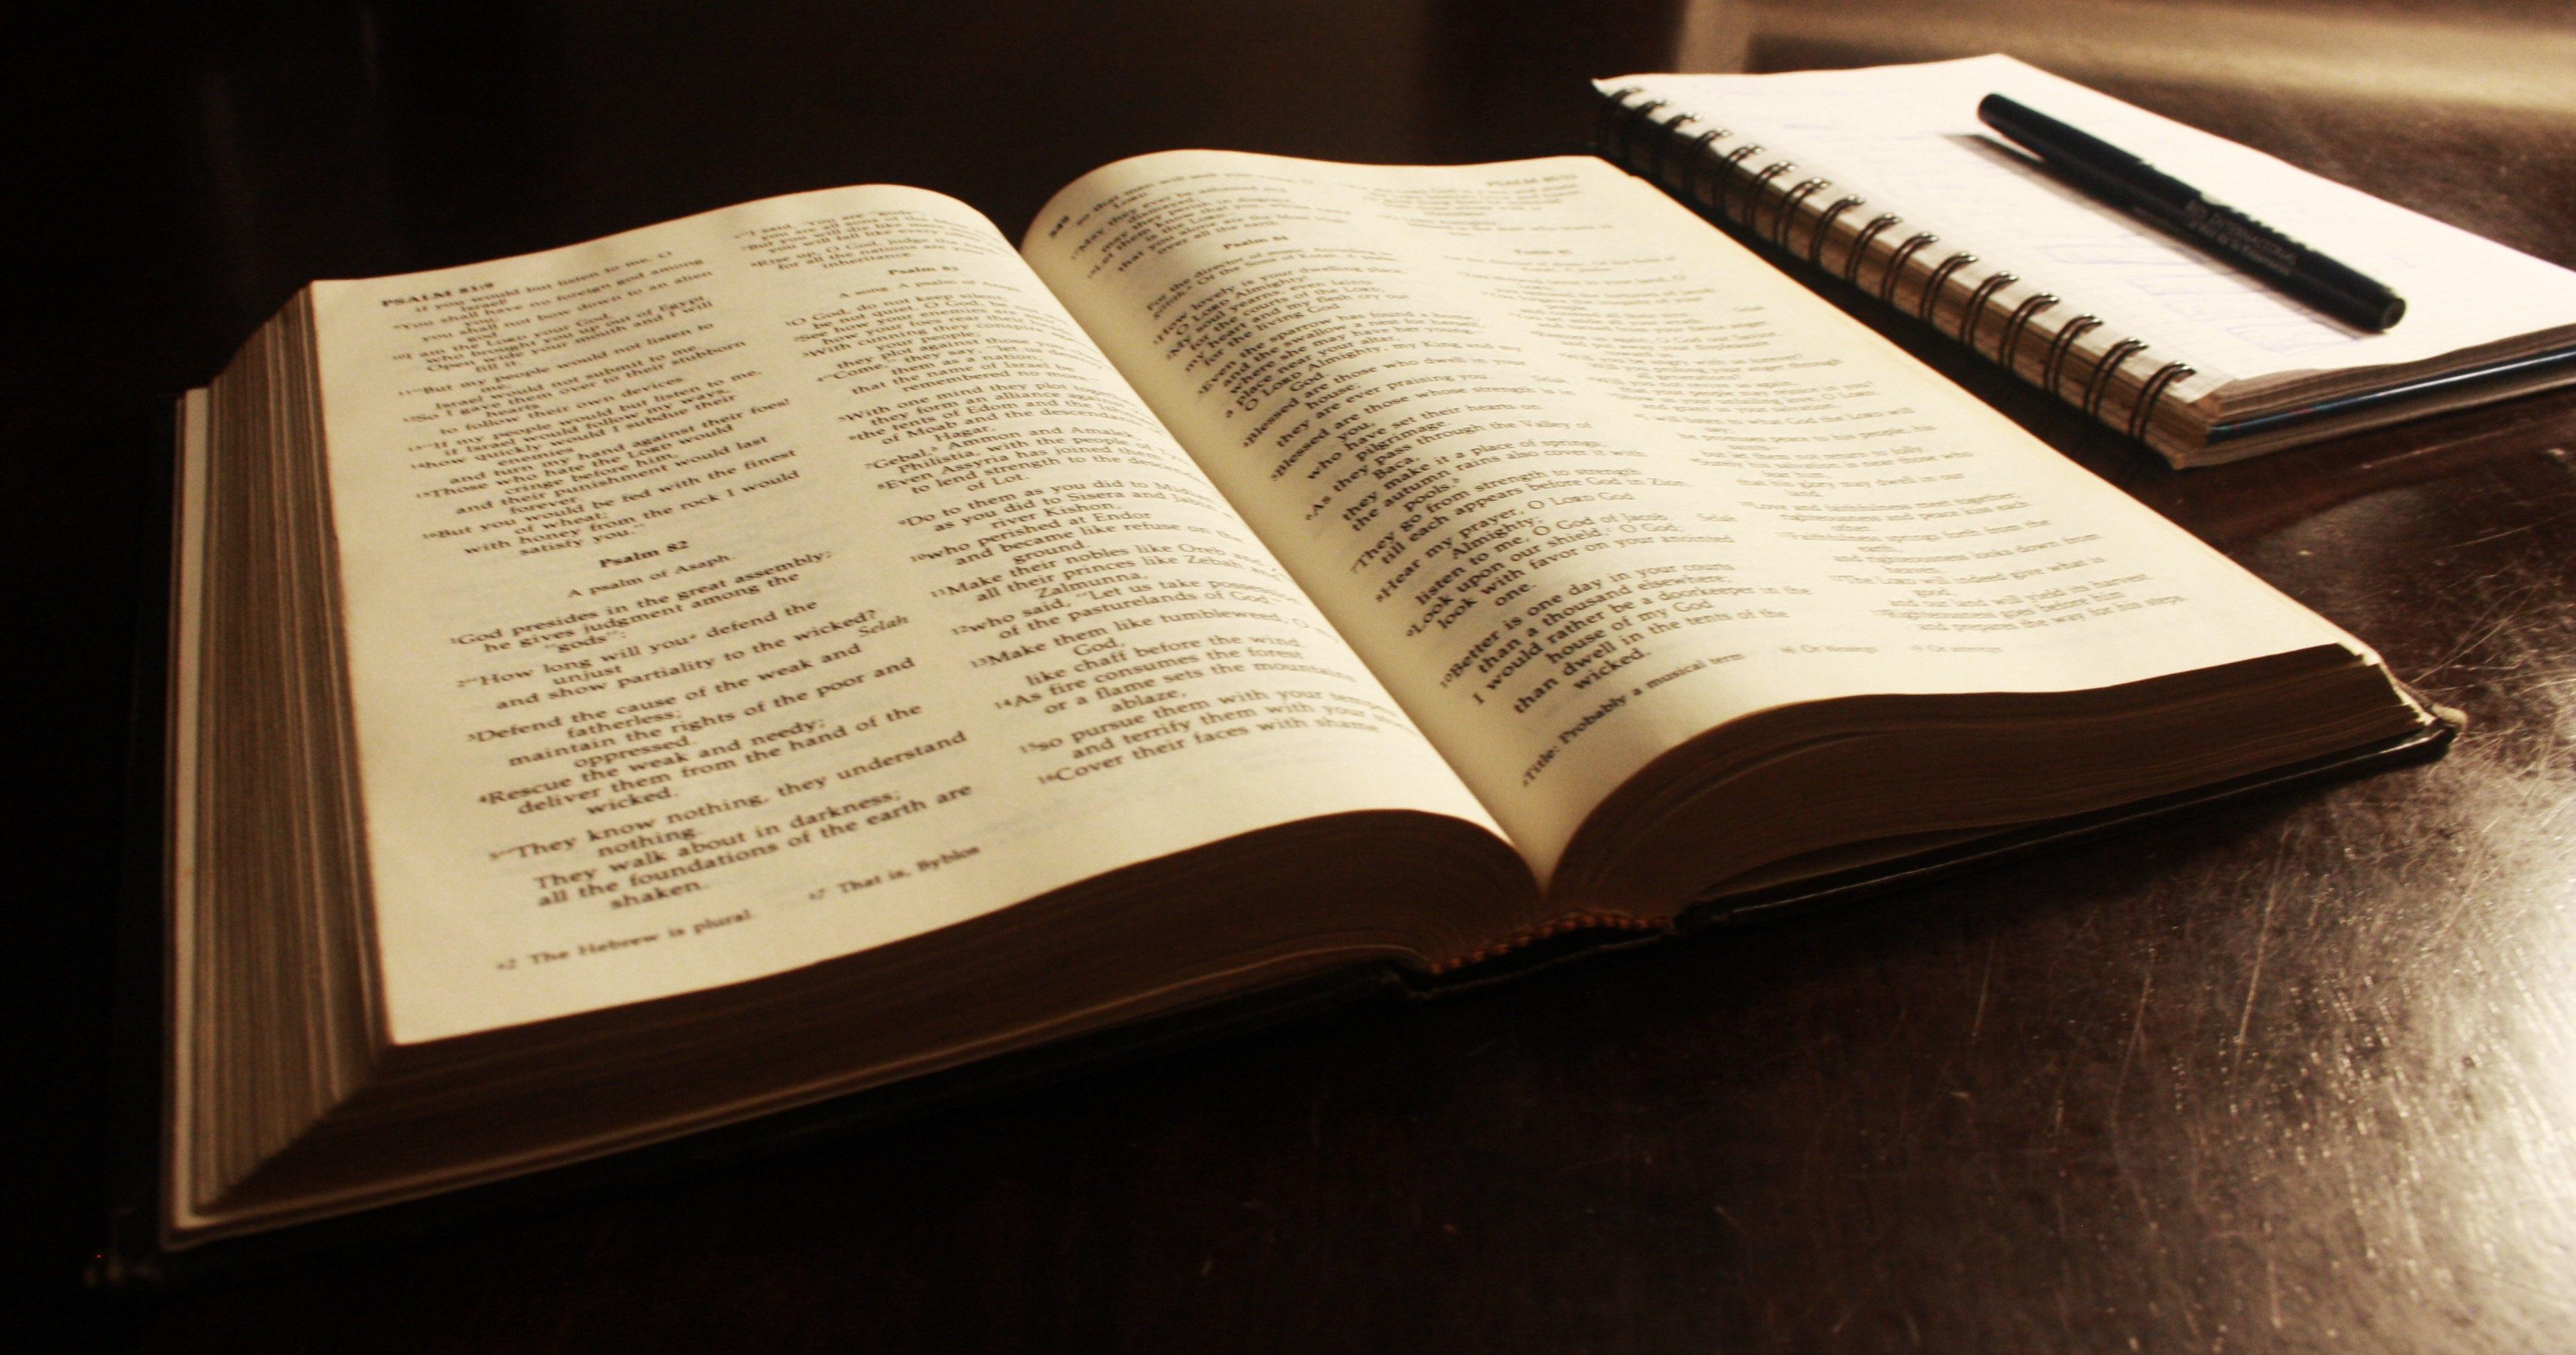 3^ proposta di formazione permanente ambito teologico-pastorale